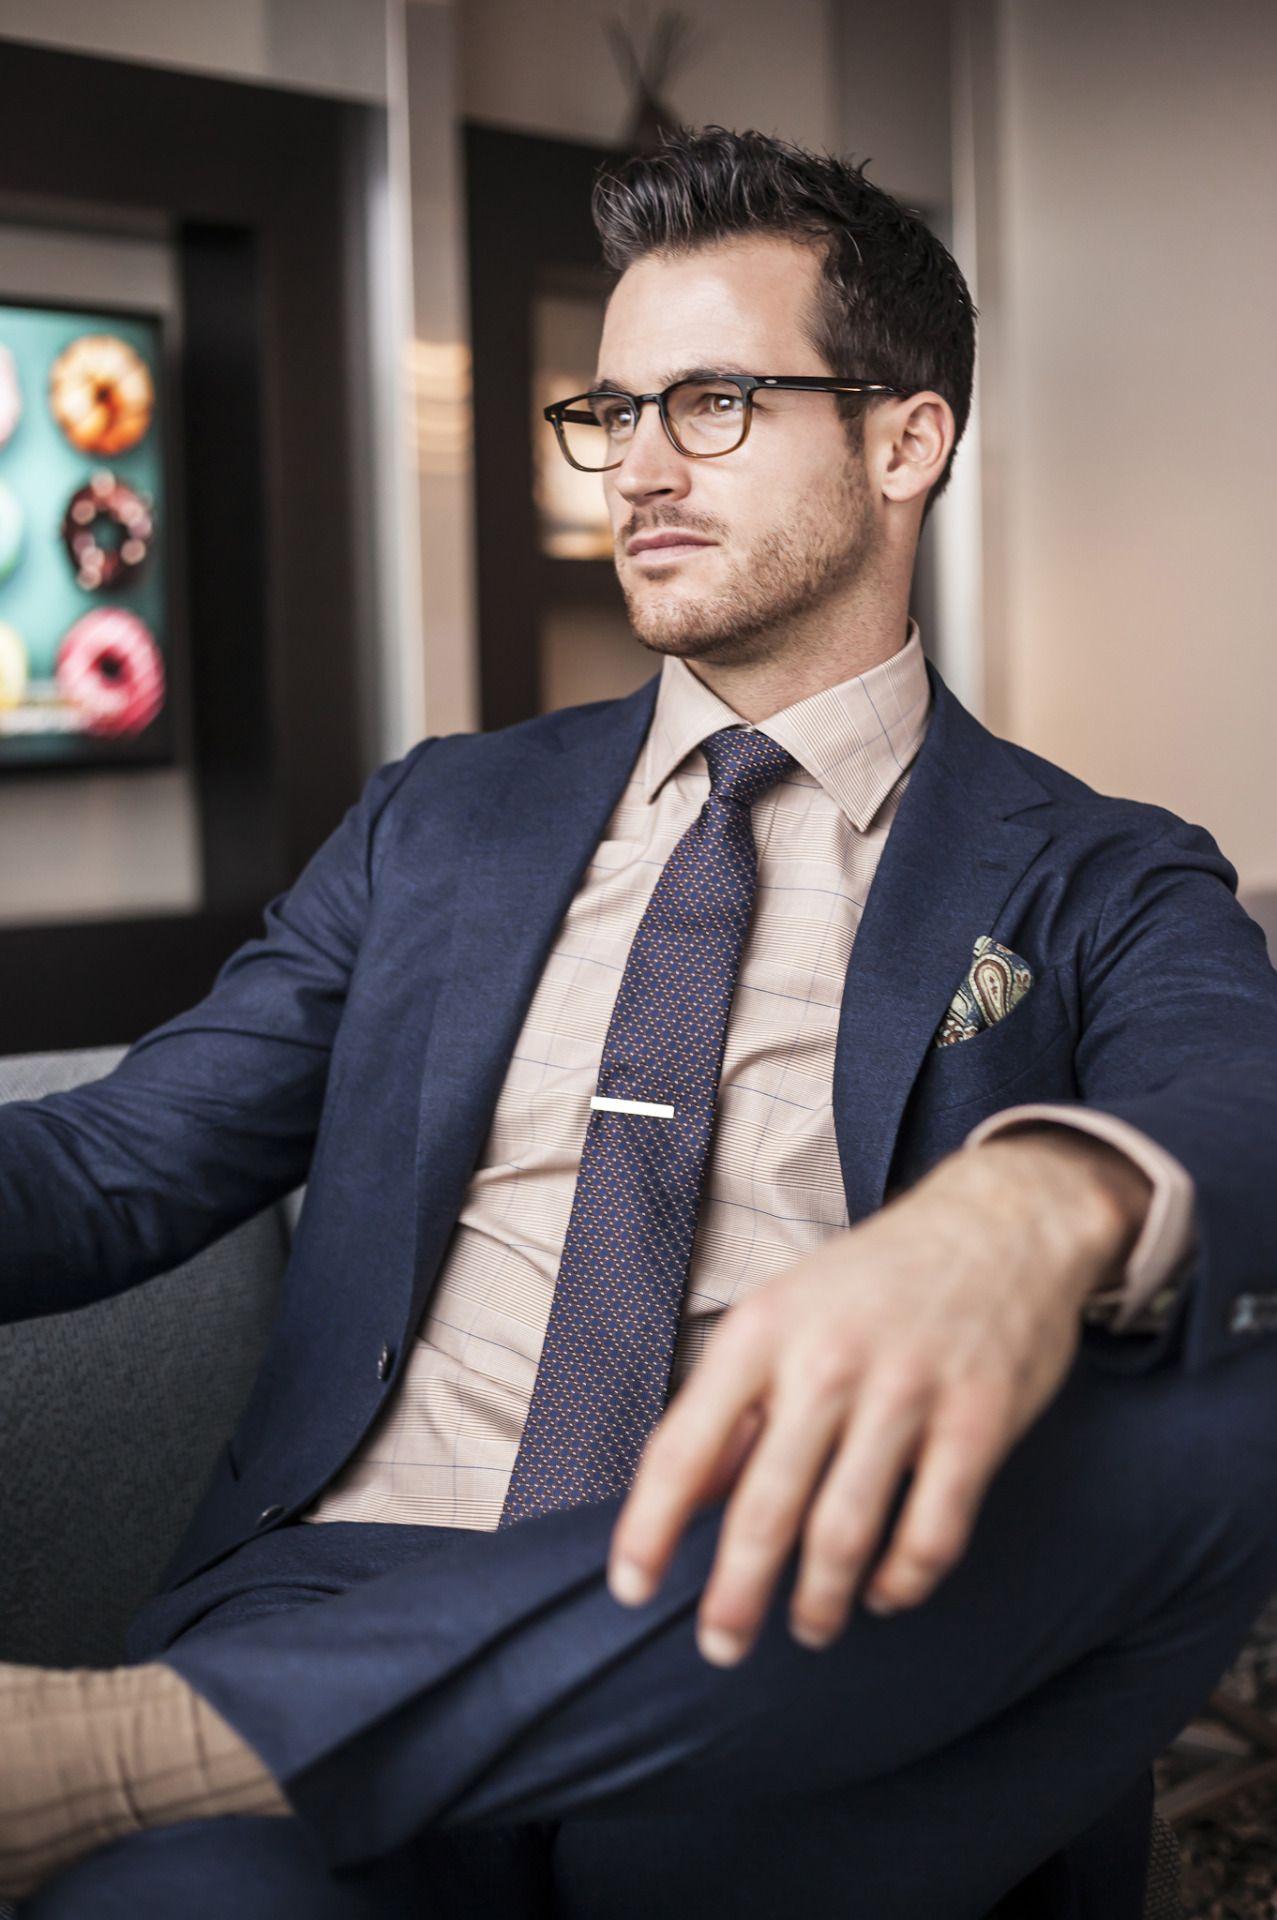 da6b9b08ab4d How to wear a suit    Photo